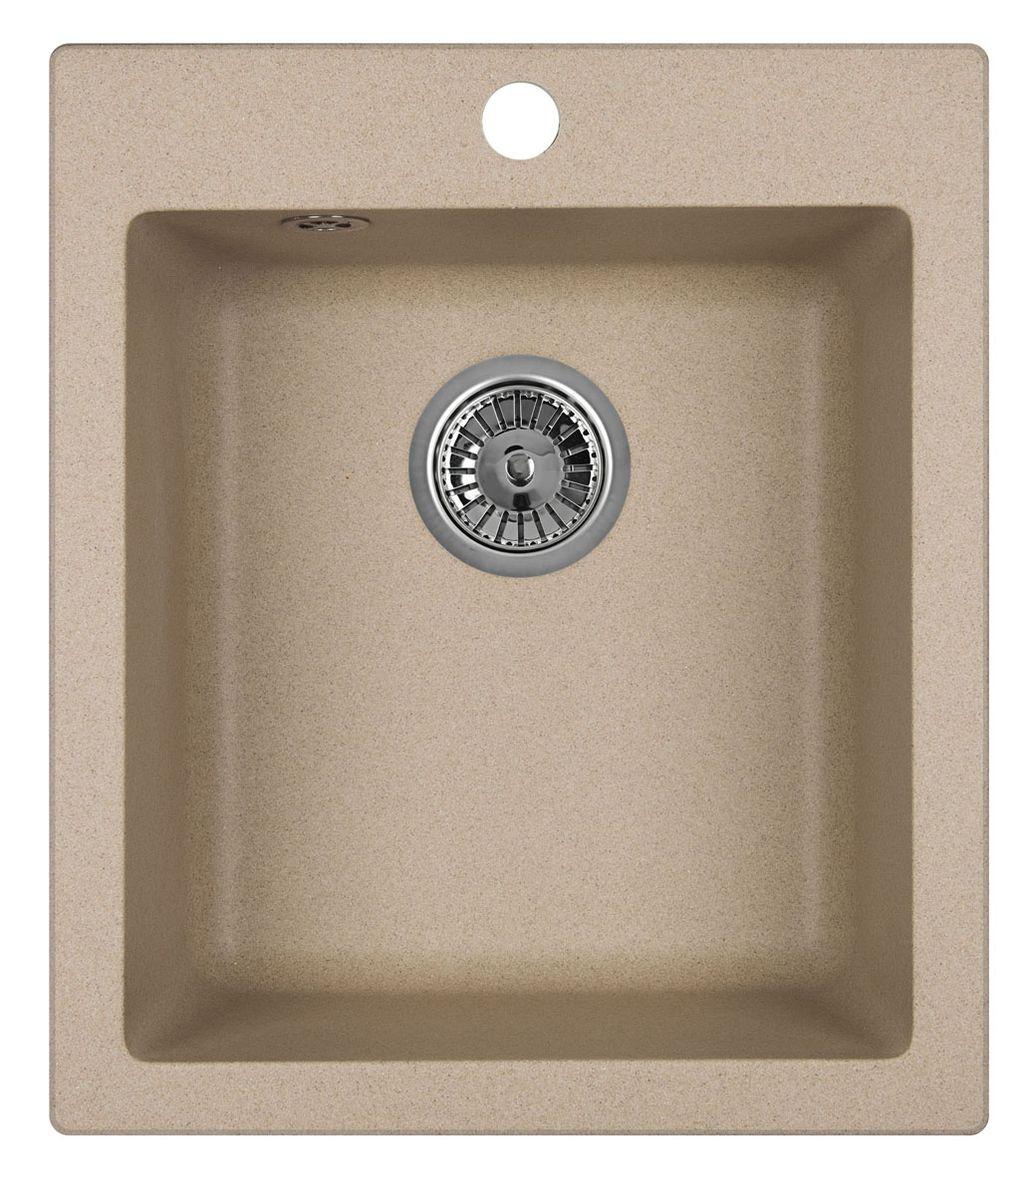 Мойка Weissgauff Quadro 420 Eco Granit, цвет: бежевый, 78,0 х 20,5 х 50,0 см306170Гранитные мойки Weissgauff Eco Granit – классическая коллекция моек, изготовленных из специально подобранных композитных материалов , содержащих оптимальное сочетание 80% каменной массы высокого качества и 20% связующих материалов. Оригинальный и функциональный дизайн - технология изготовления позволяет создавать любые цвета и формы, оптимальные для современных кухонь. Мойки Weissgauff легко подобрать к интерьеру любой кухни, для разных цветов и форм столешниц Влагостойкость - отталкивание влаги – одна из примечательных особенностей моек из искусственного камня за счет связующих композитных материалов, которые продлевают их срок службы и способствуют сохранению первоначального вида Термостойкость - подвергая мойки воздействию высоких температур, например, различными горячими жидкостями, будьте уверенны, что мойки Weissgauff – эталон стойкости и качества, так как они устойчивы к перепаду температур. Специальный состав моек Weisgauff избавляет от проблемы...